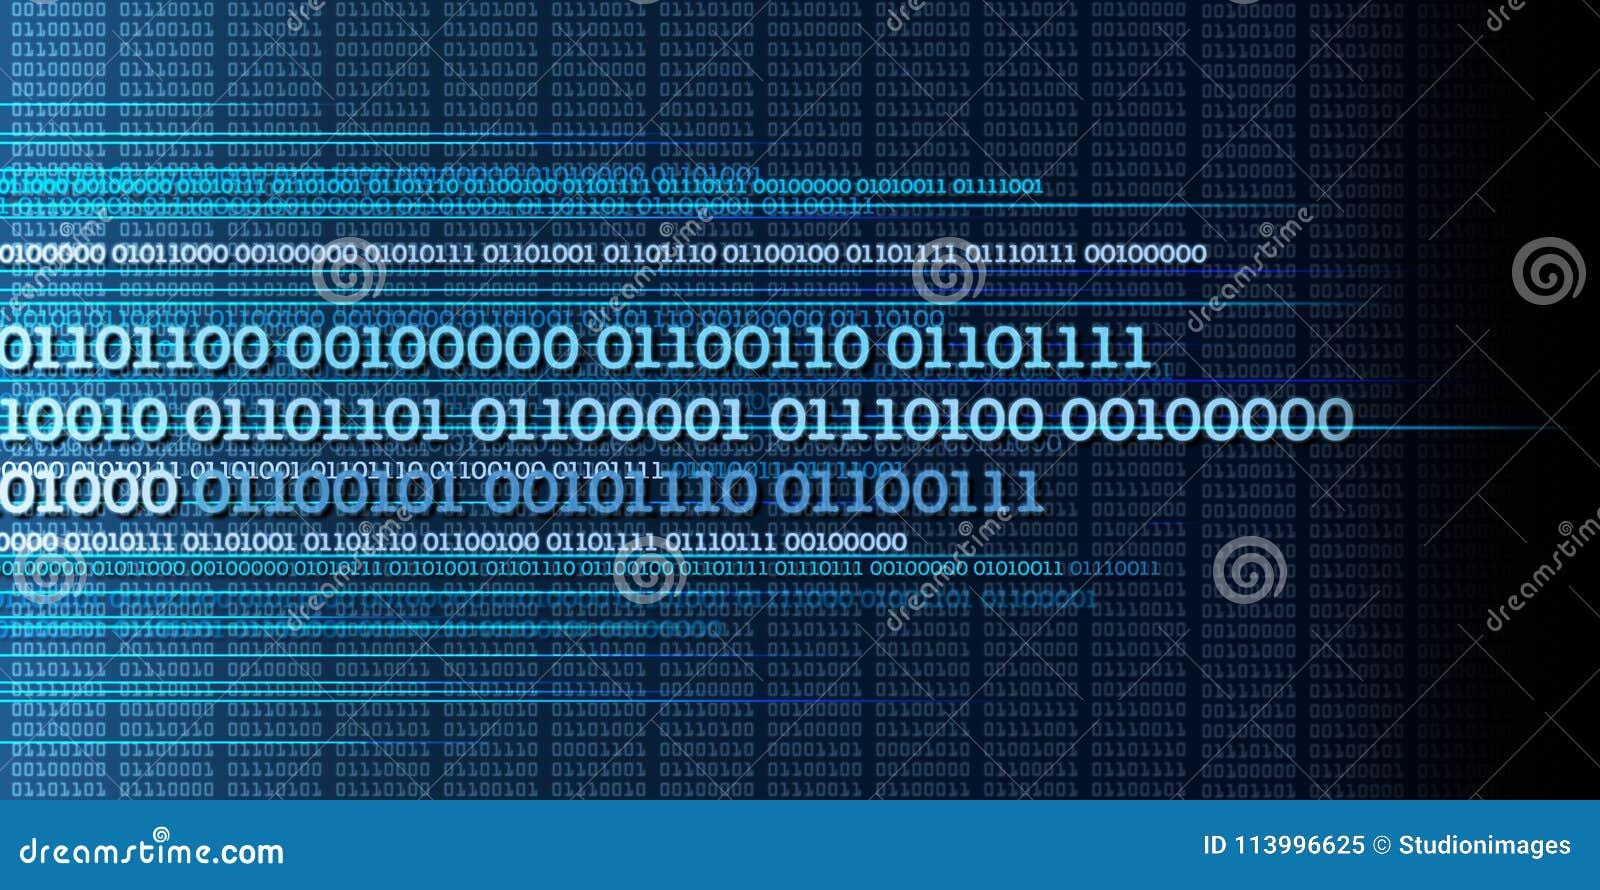 Поток двоичных данных, двоичные числа, большие данные, информация - dyna